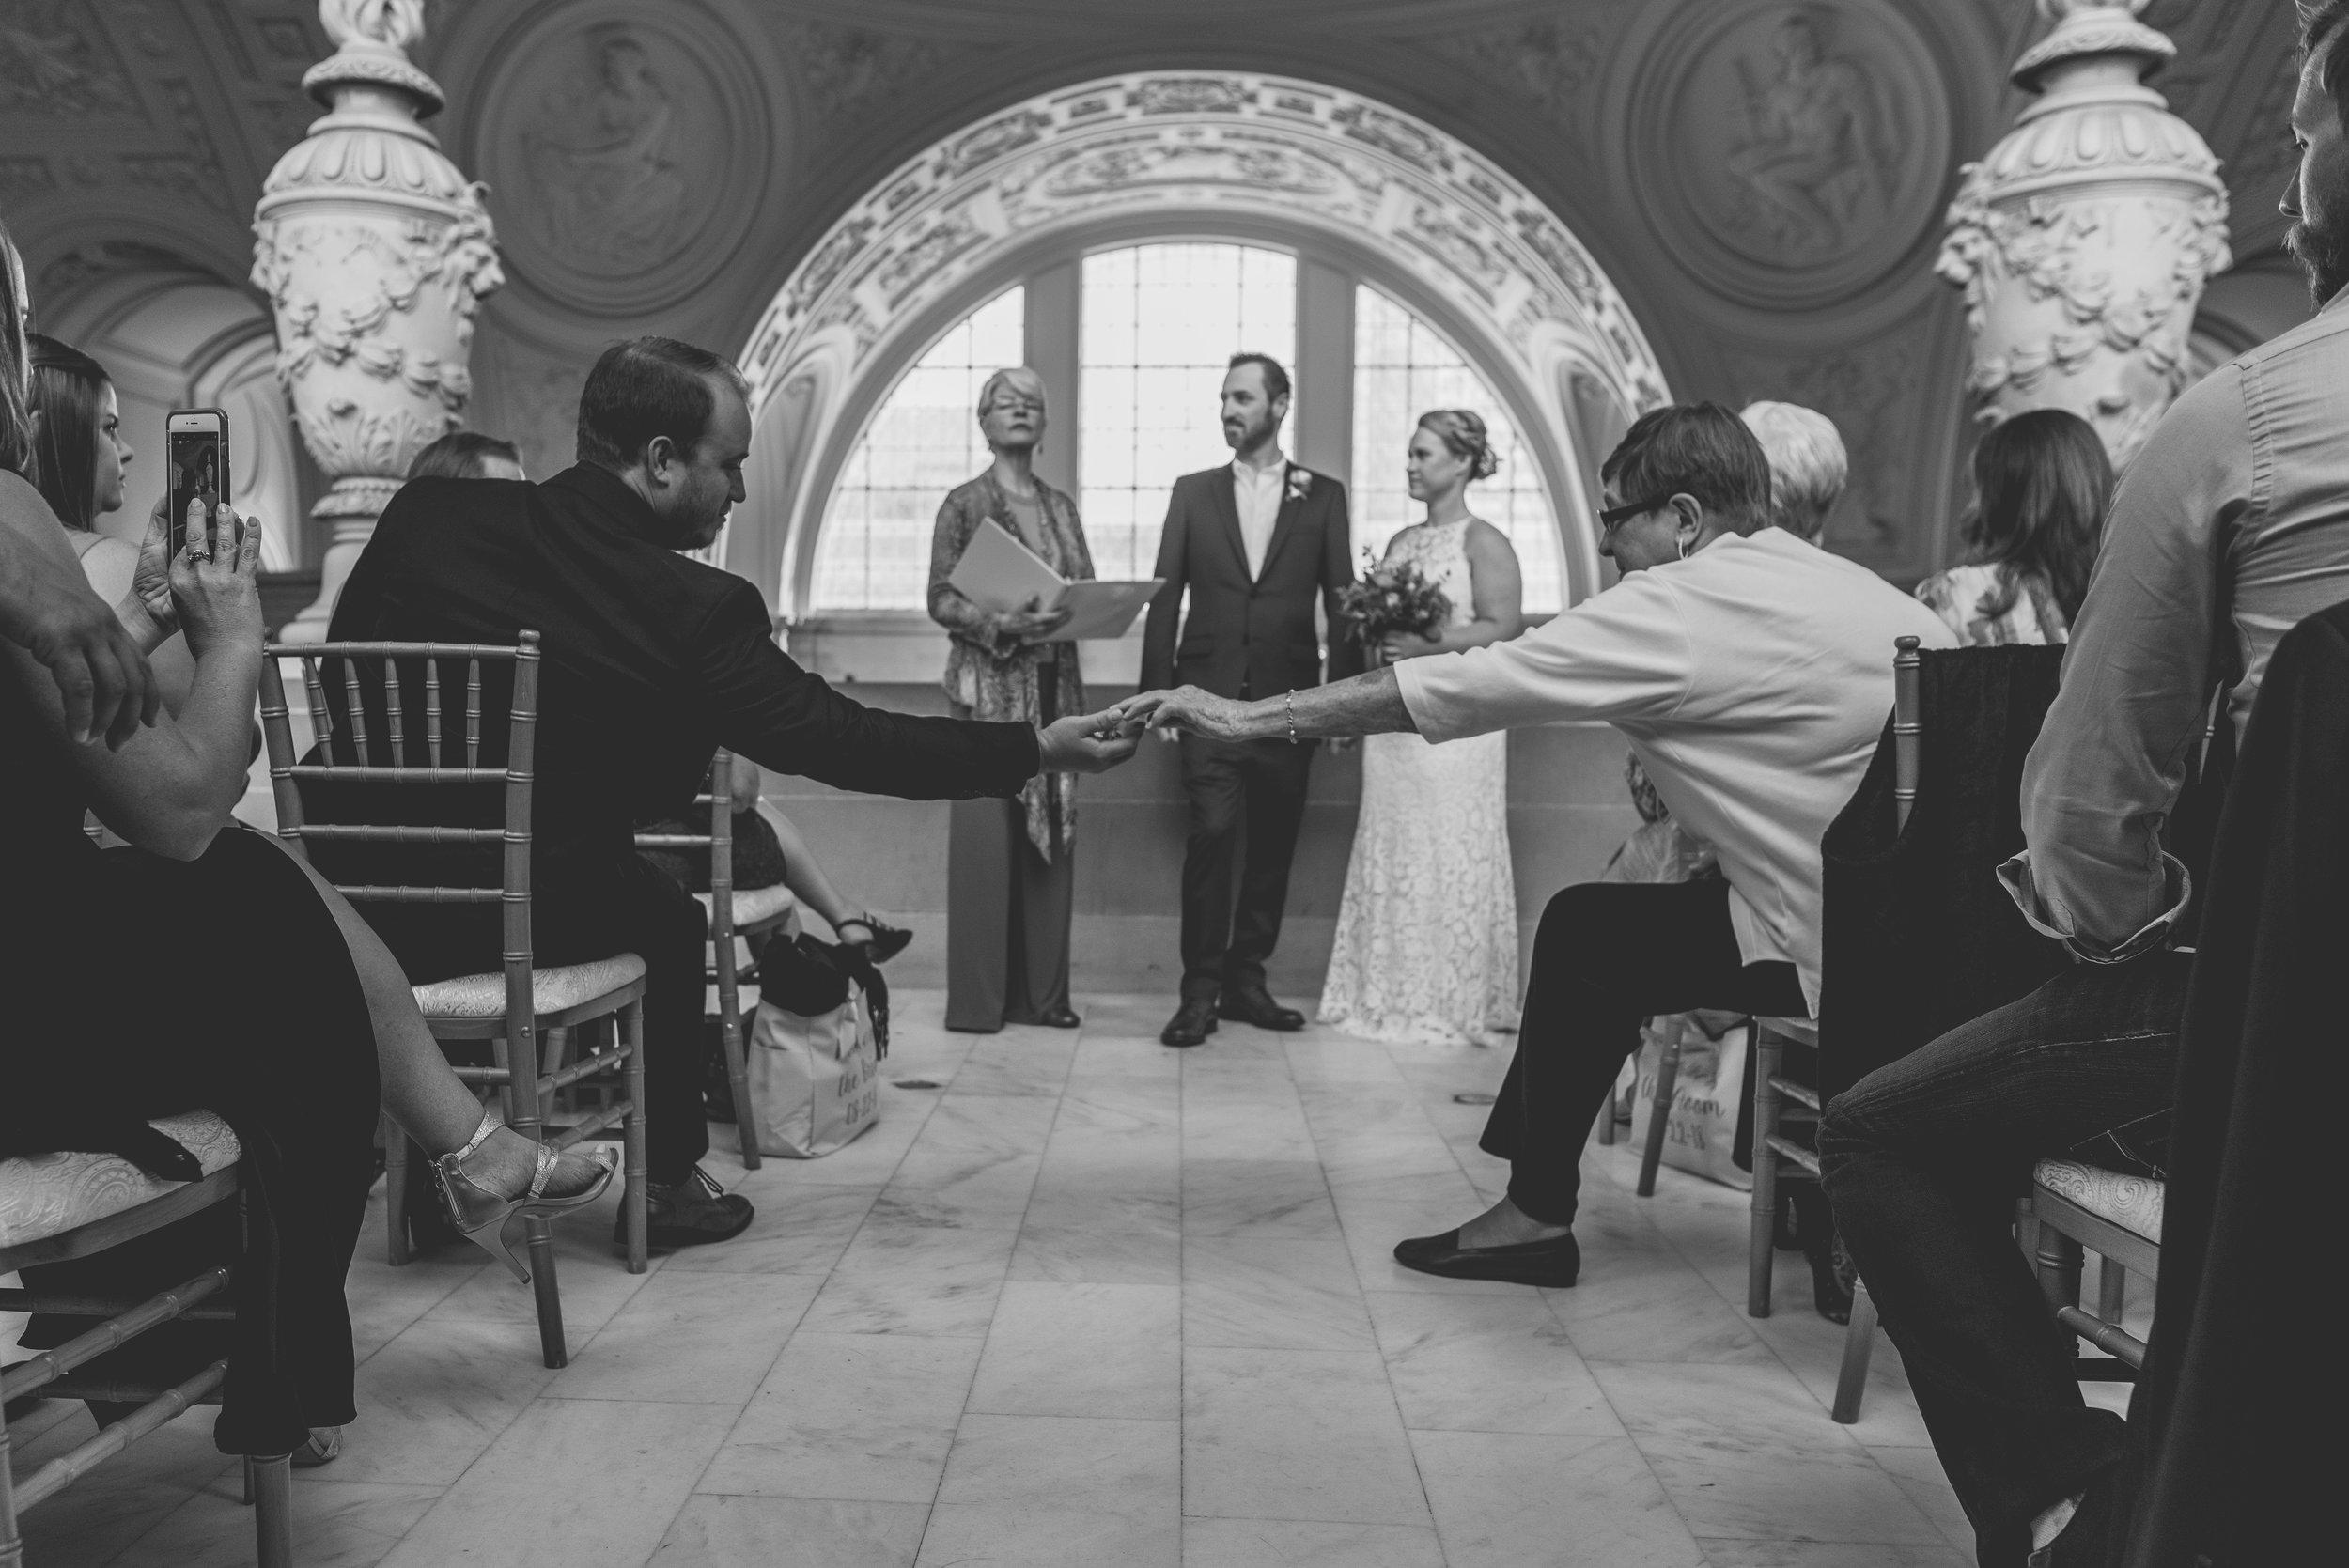 mcdaniels_conroy-wedding-ceremony-70.jpg